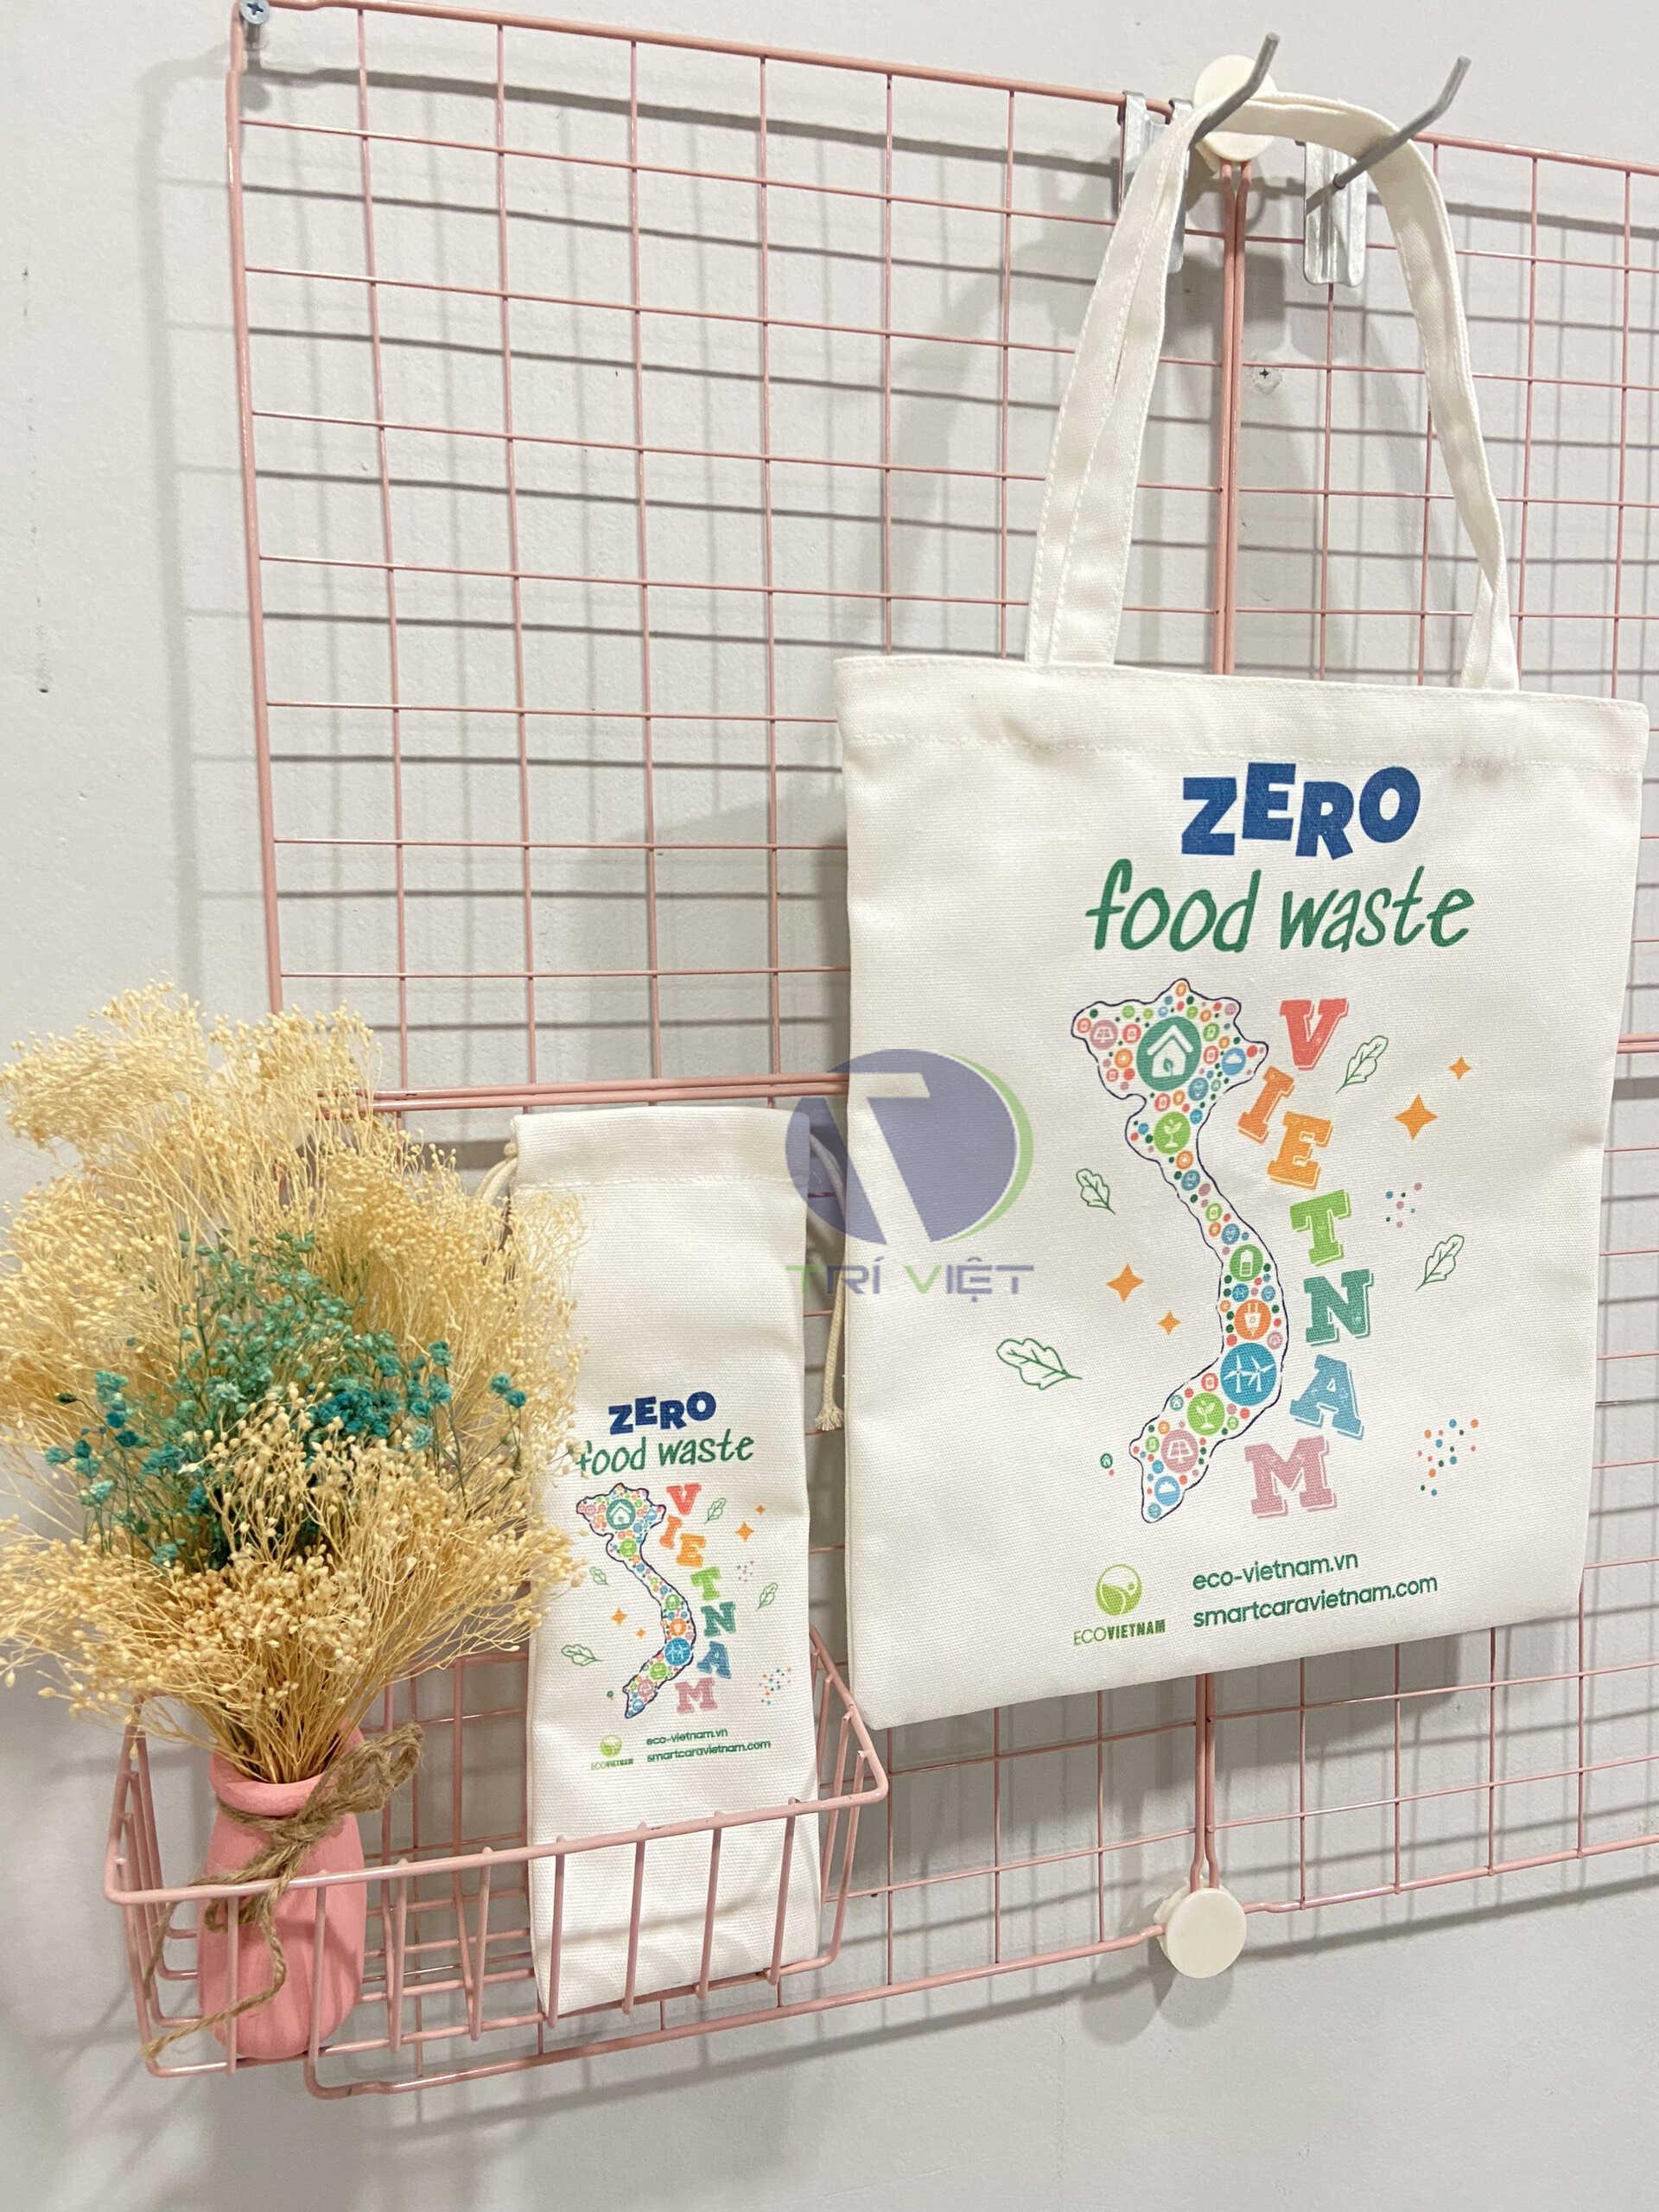 Trí Việt cung cấp túi vải canvas là quà tặng mang thương hiệu doanh nghiệp giá rẻ, chất lượng tại tphcm